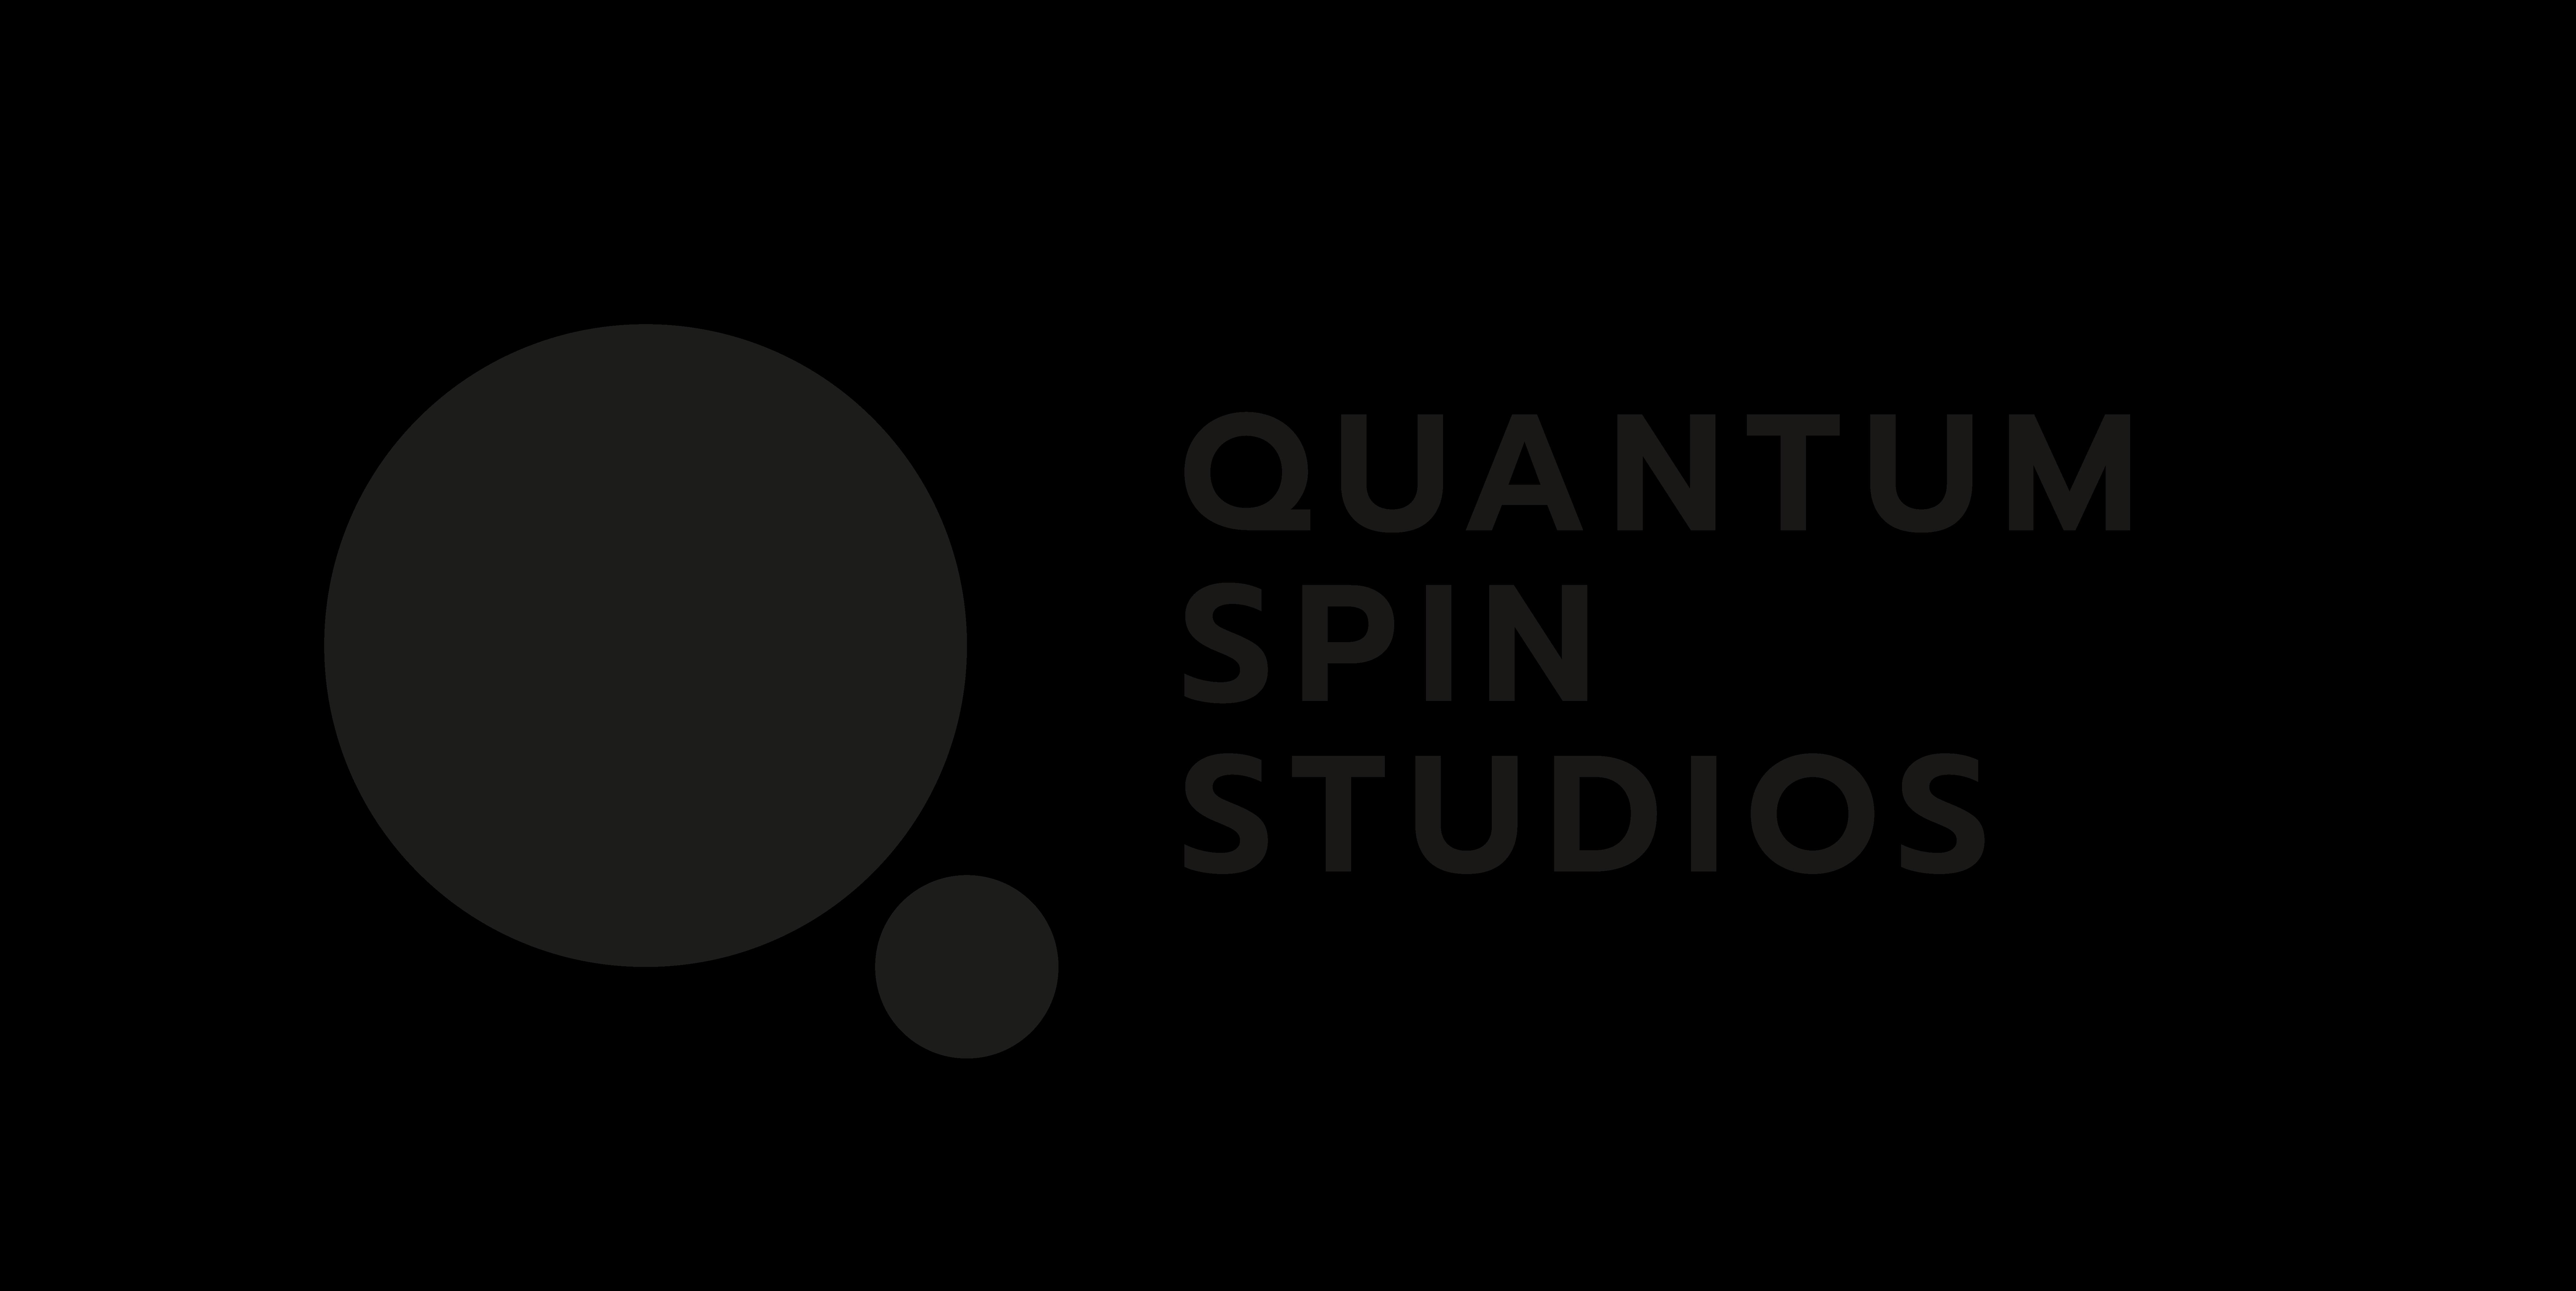 Quantum Spin Studios